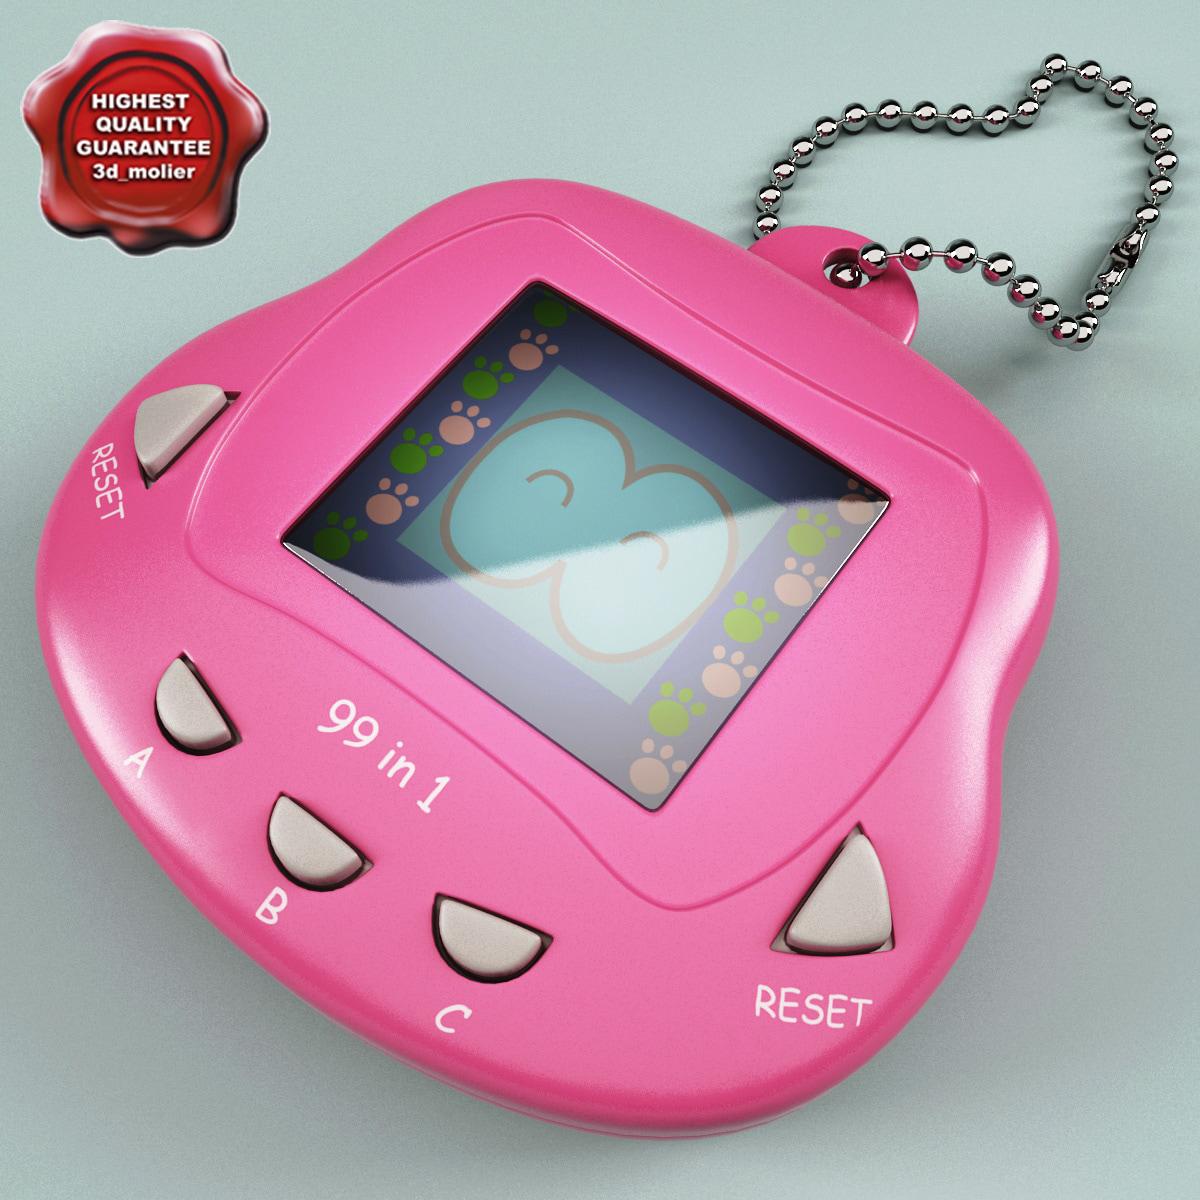 pink tamagotchi 3d model